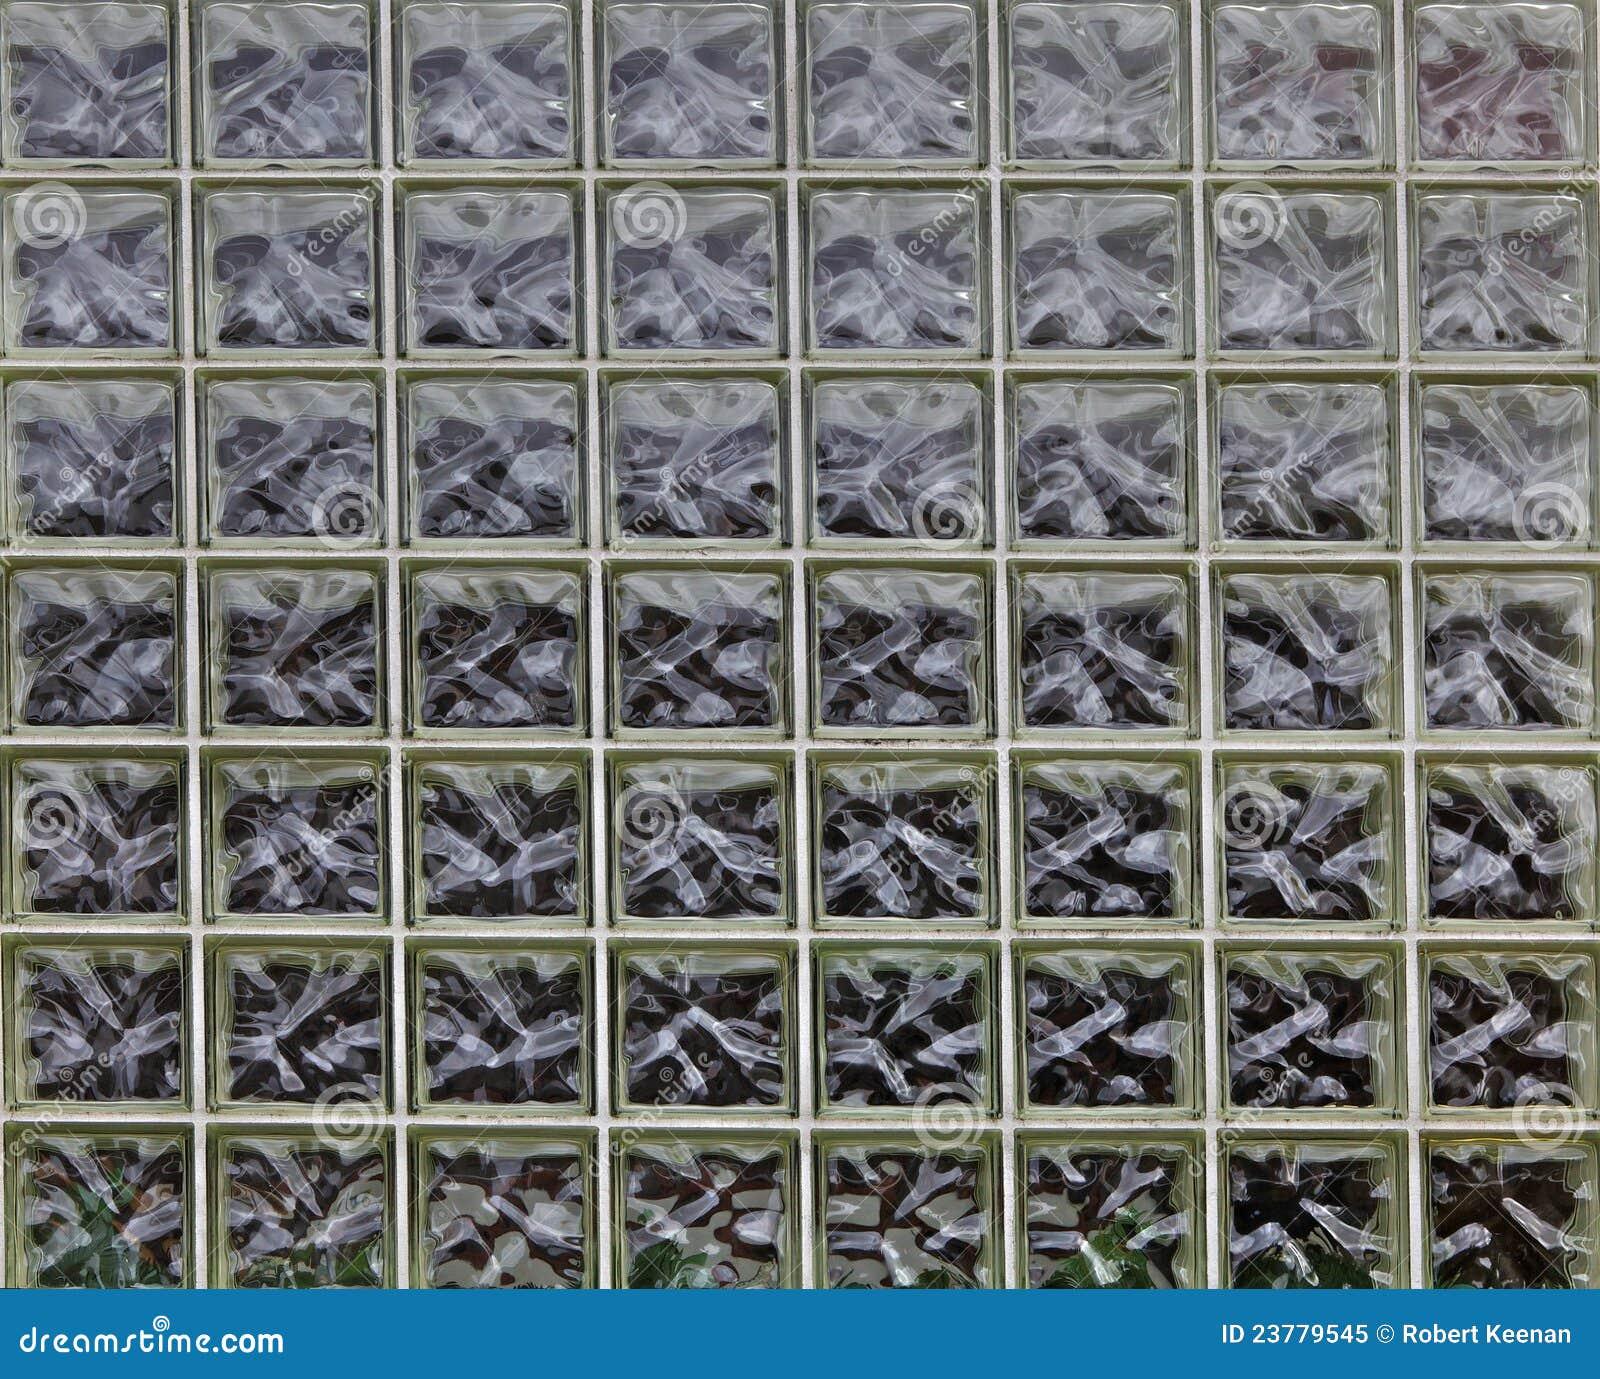 Eccezionale Muro di mattoni di vetro immagine stock. Immagine di figura - 23779545 KA16